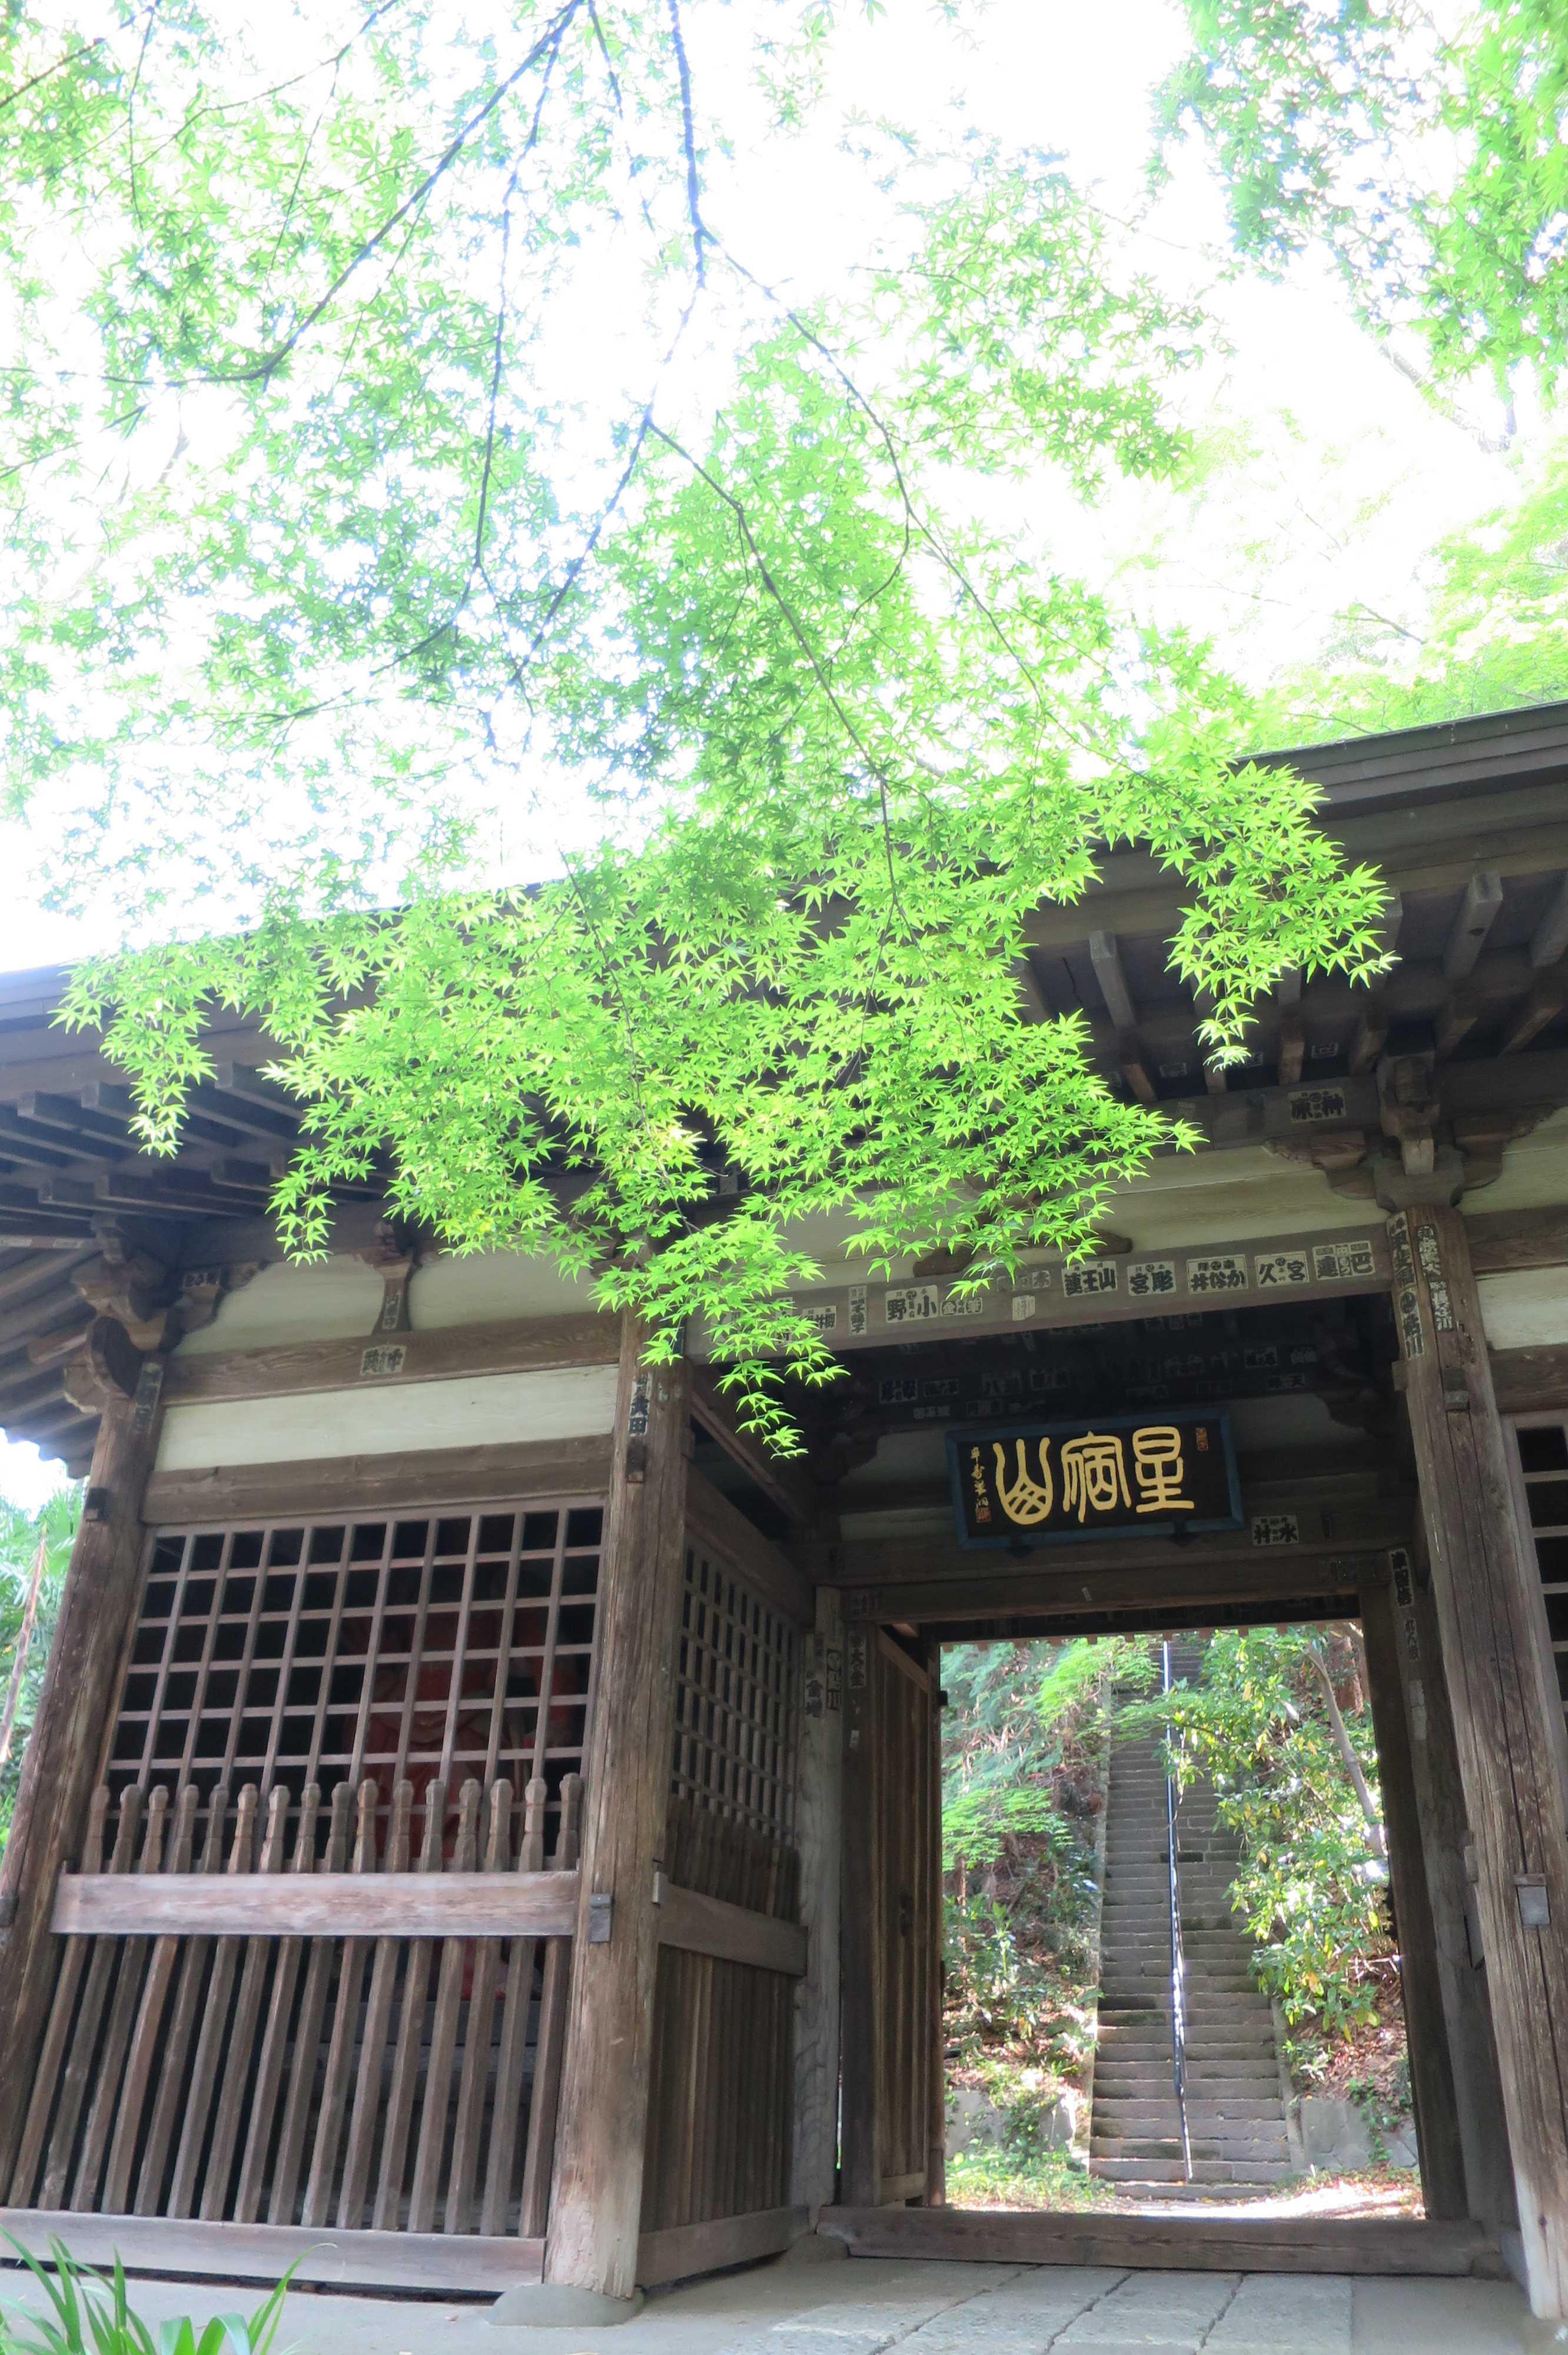 モミジの新緑と王禅寺の山門(仁王門)